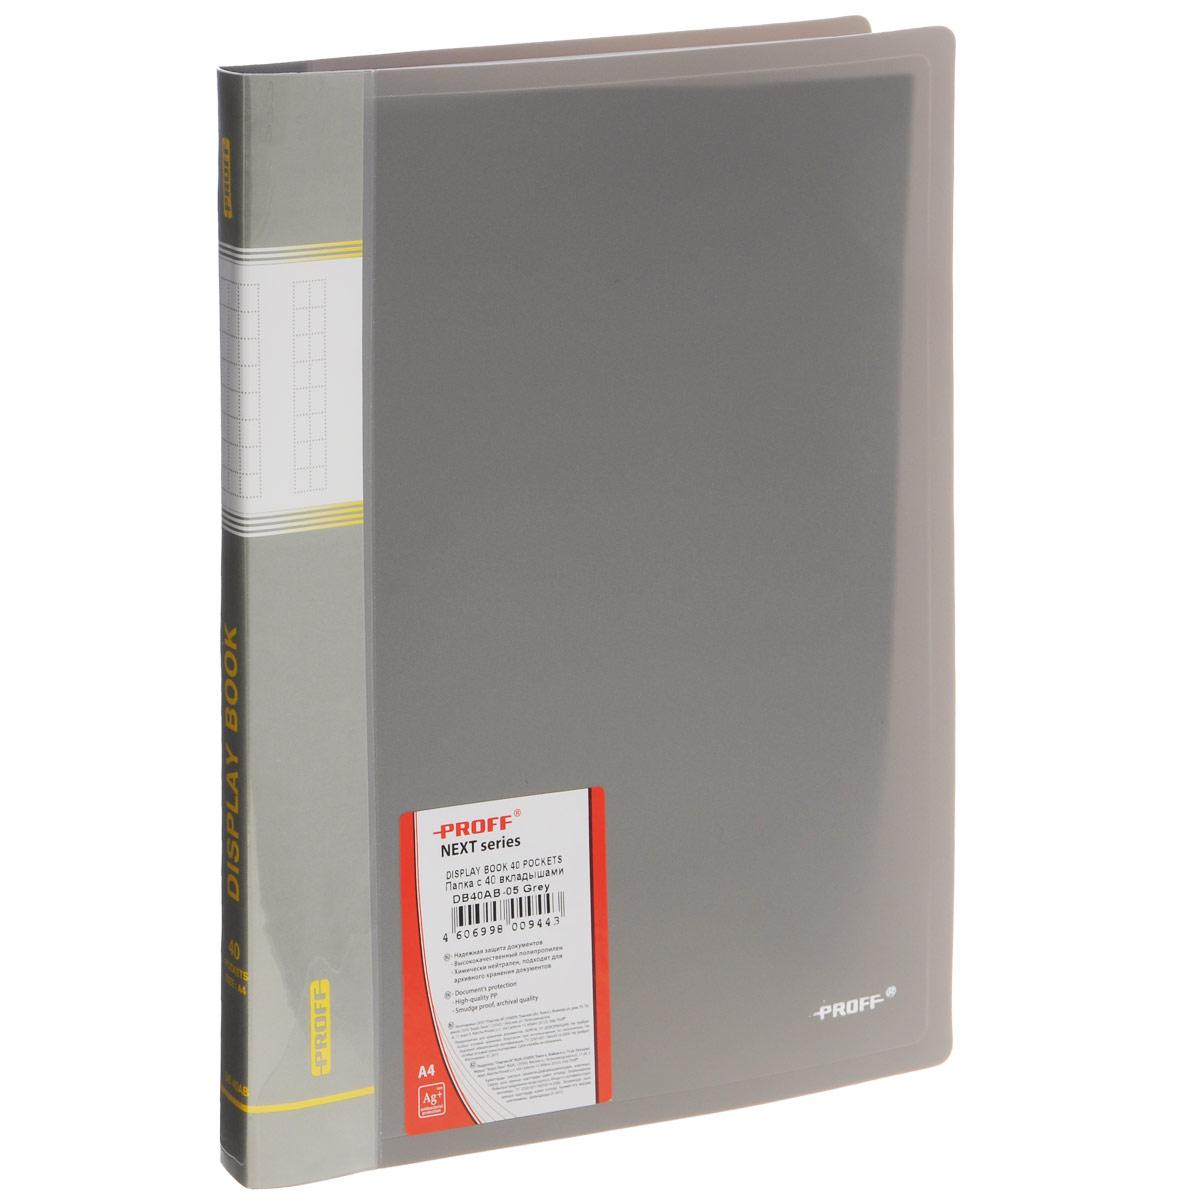 Proff Папка с файлами Next 40 листов цвет серыйAC-1121RDПапка с файлами Proff Next, изготовленная из высококачественного плотного полипропилена - это удобный и практичный офисный инструмент, предназначенный для хранения и транспортировки рабочих бумаг и документов формата А4.Папка оснащена 40 вклеенными прозрачными файлами.Папка с файлами - это незаменимый атрибут для студента, школьника, офисного работника. Такая папка надежно сохранит ваши документы и сбережет их от повреждений, пыли и влаги.